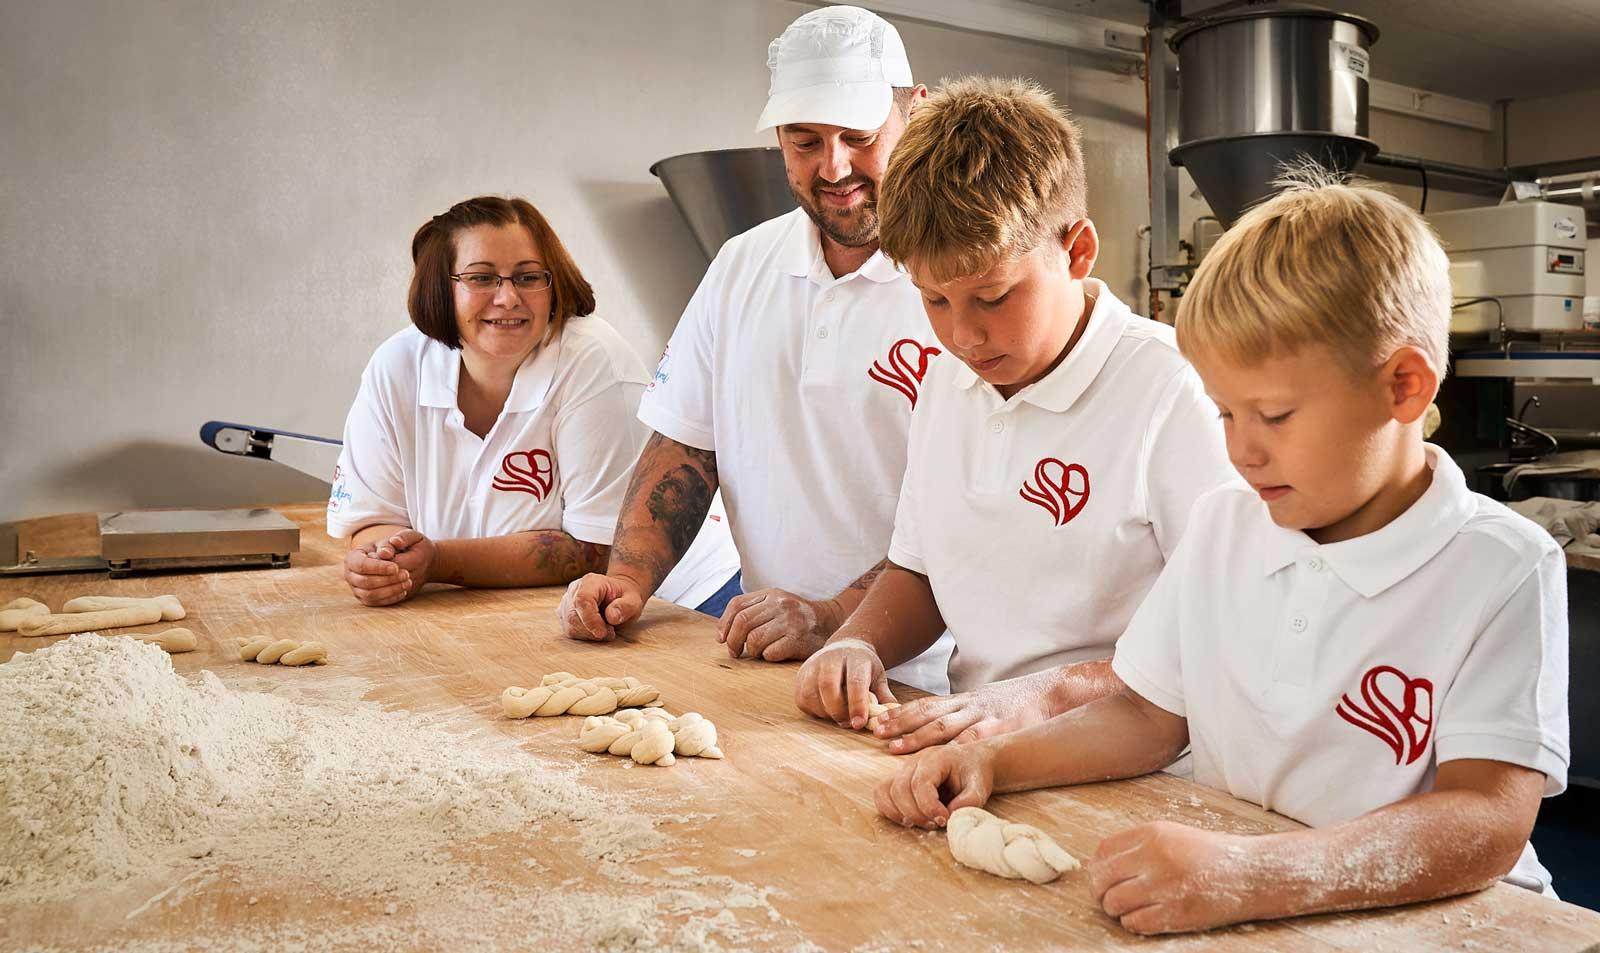 Bäckerei Neudorfer: Unternehmen mit sozialer Verantwortung